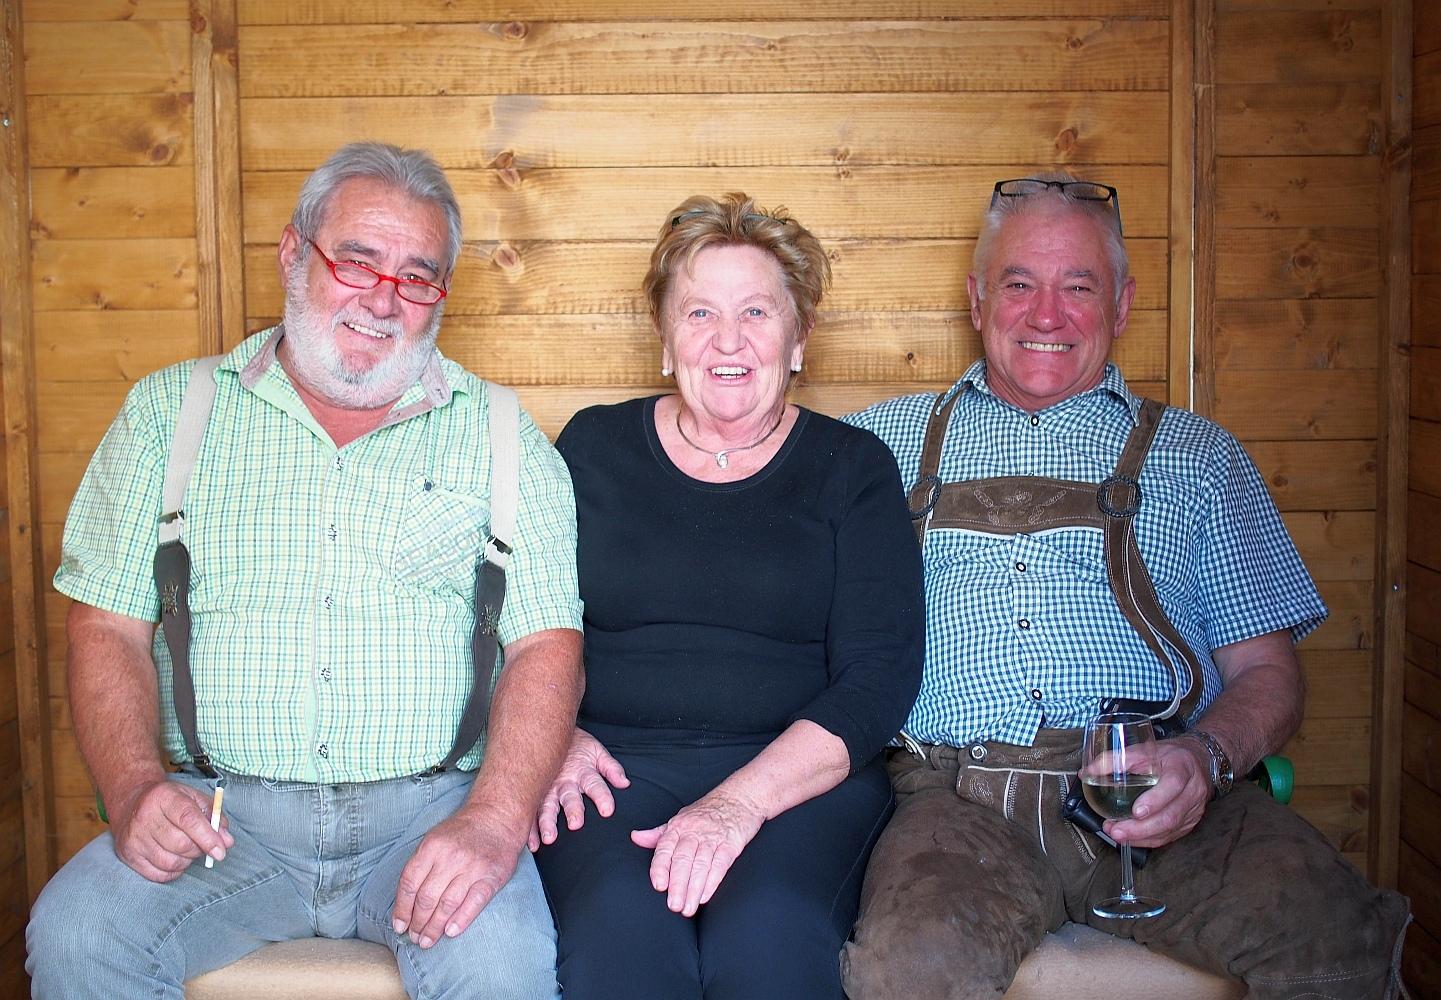 Gäste in Raucherhütte